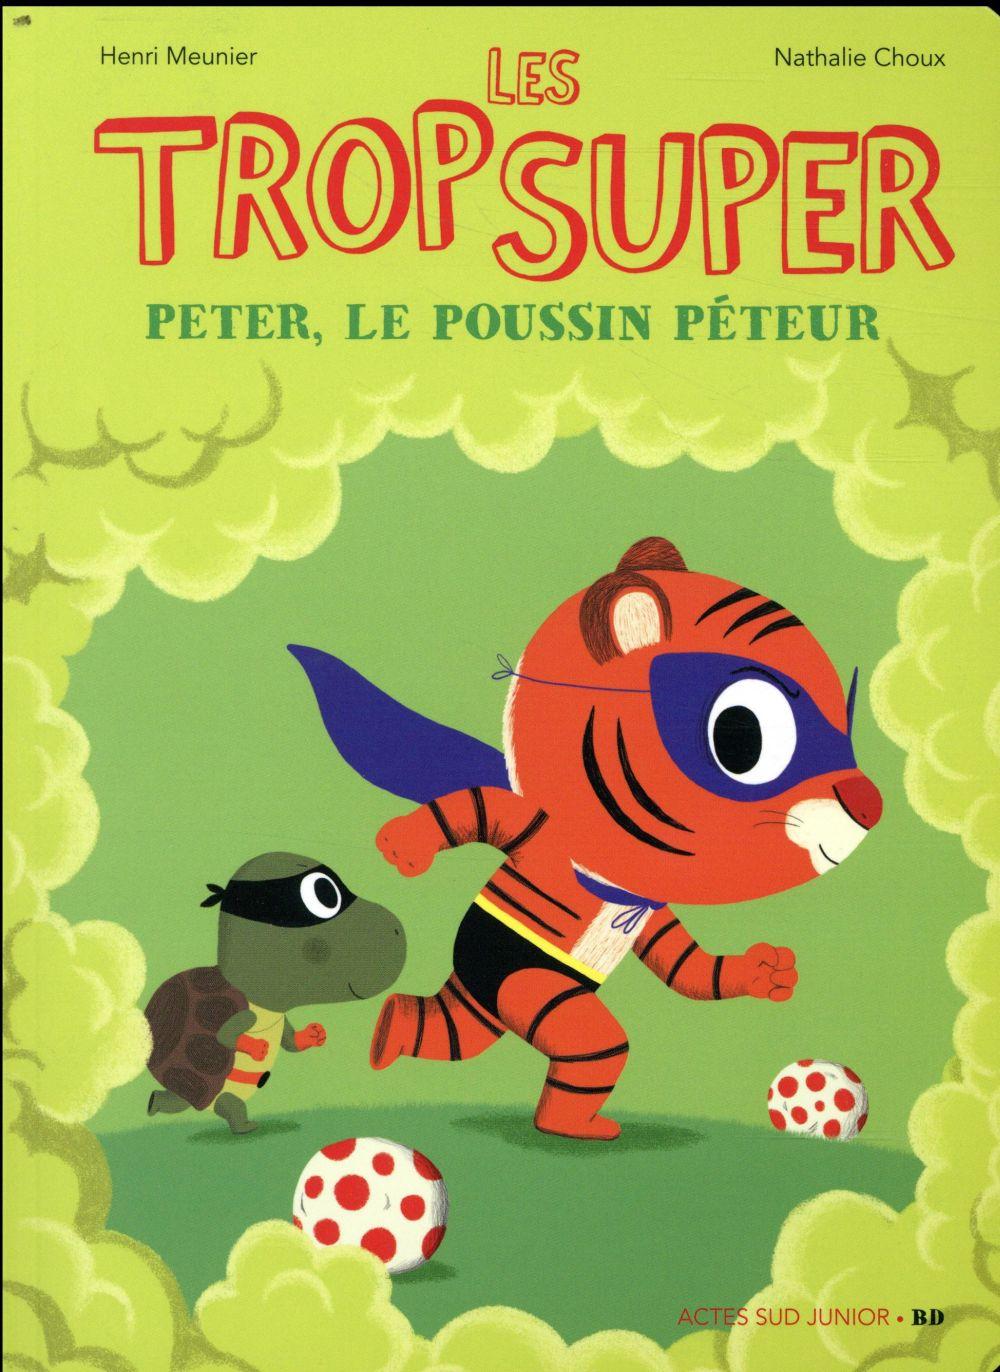 LES TROP SUPER - PETER LE POUSSIN PETEUR